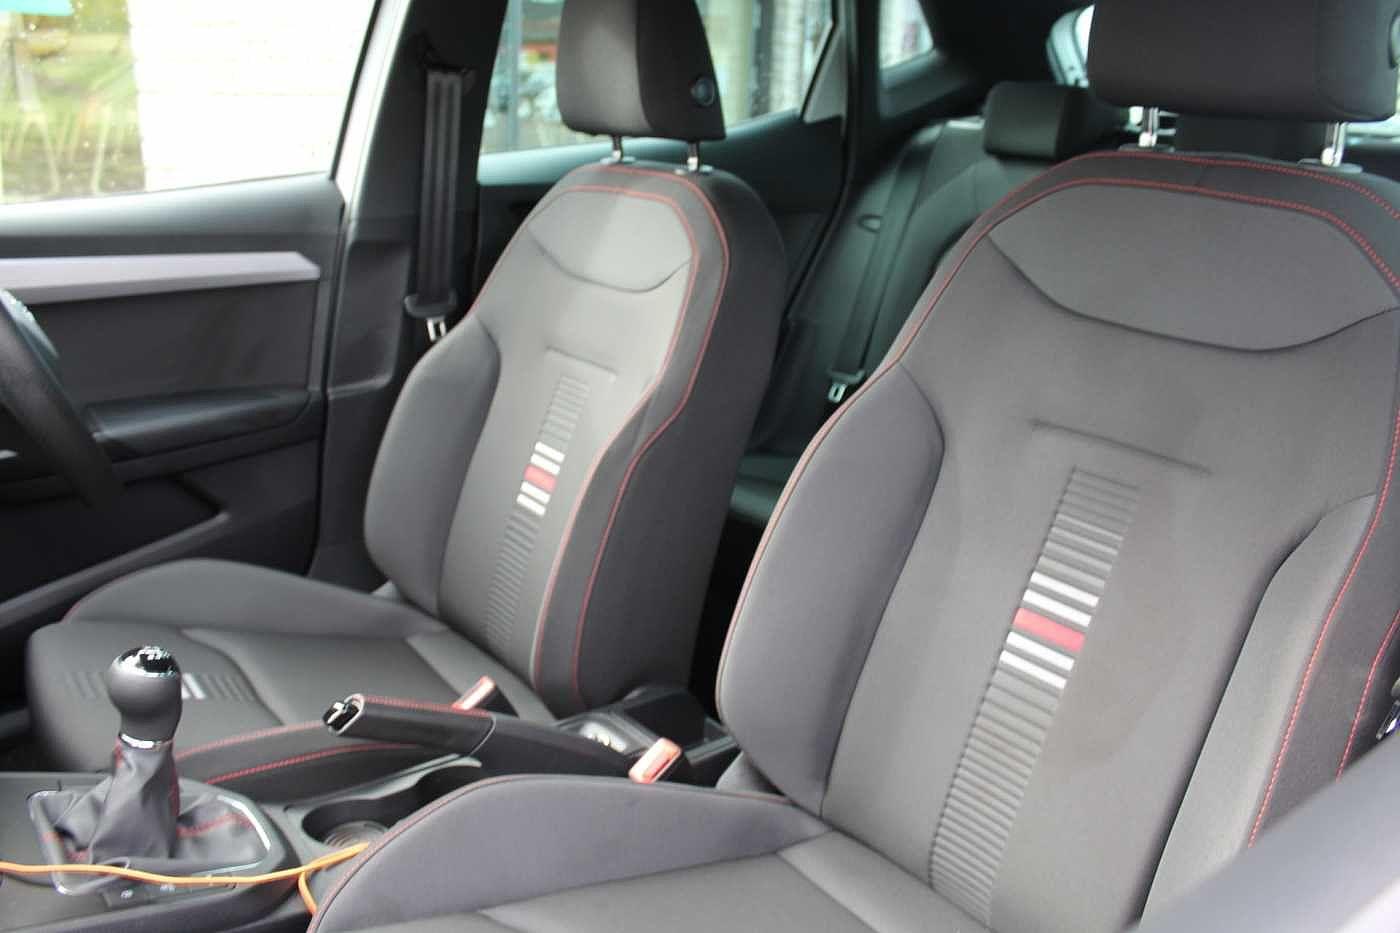 SEAT Ibiza Images